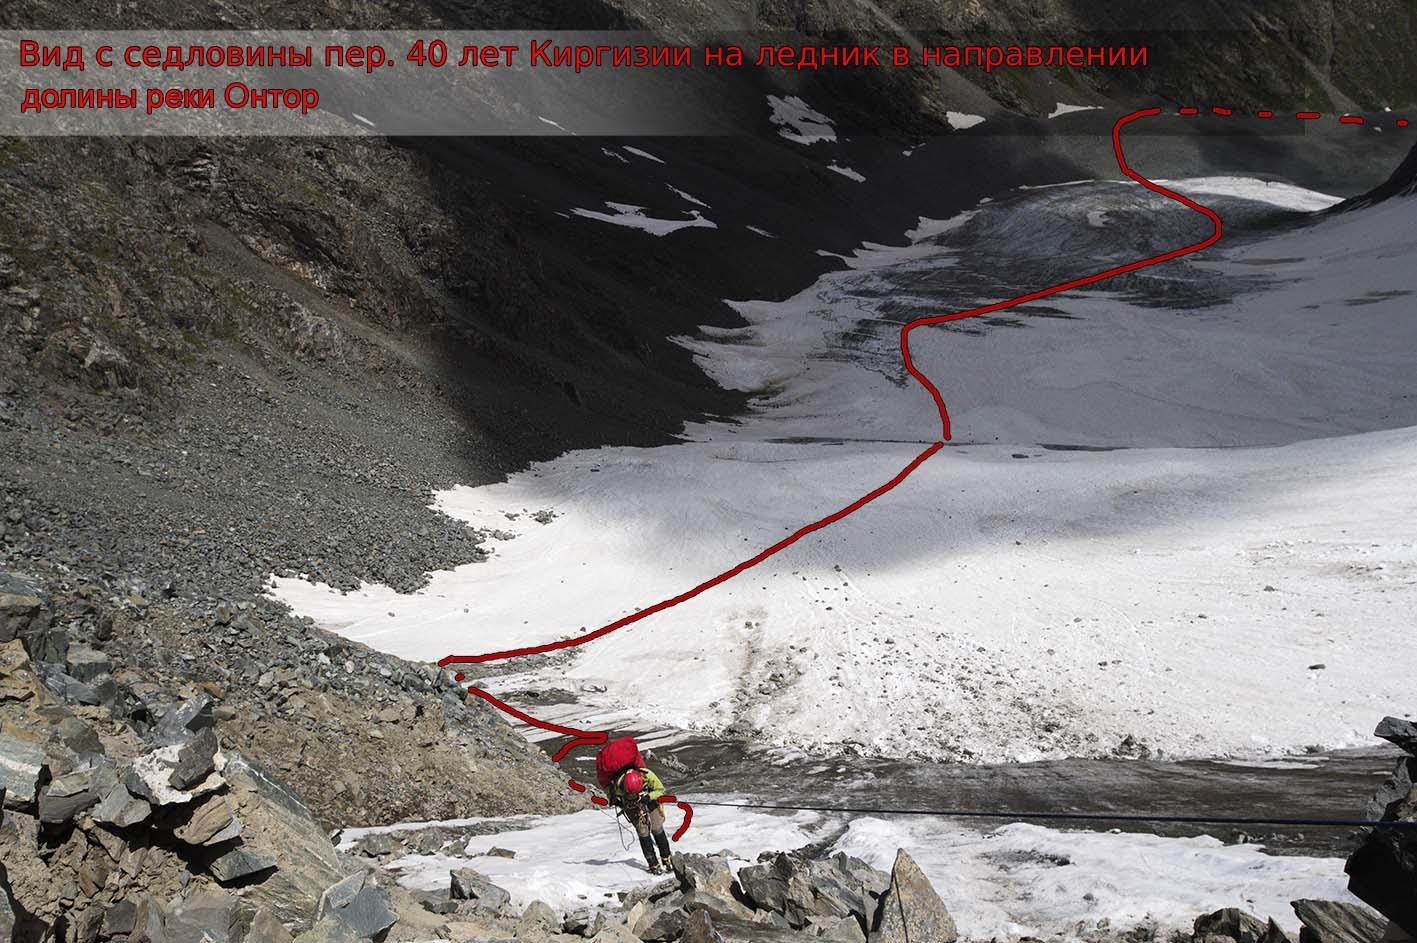 Спуск с Пер. 40 лет Киргизии (2А, 4000 м) в сторону долины р. Онтор